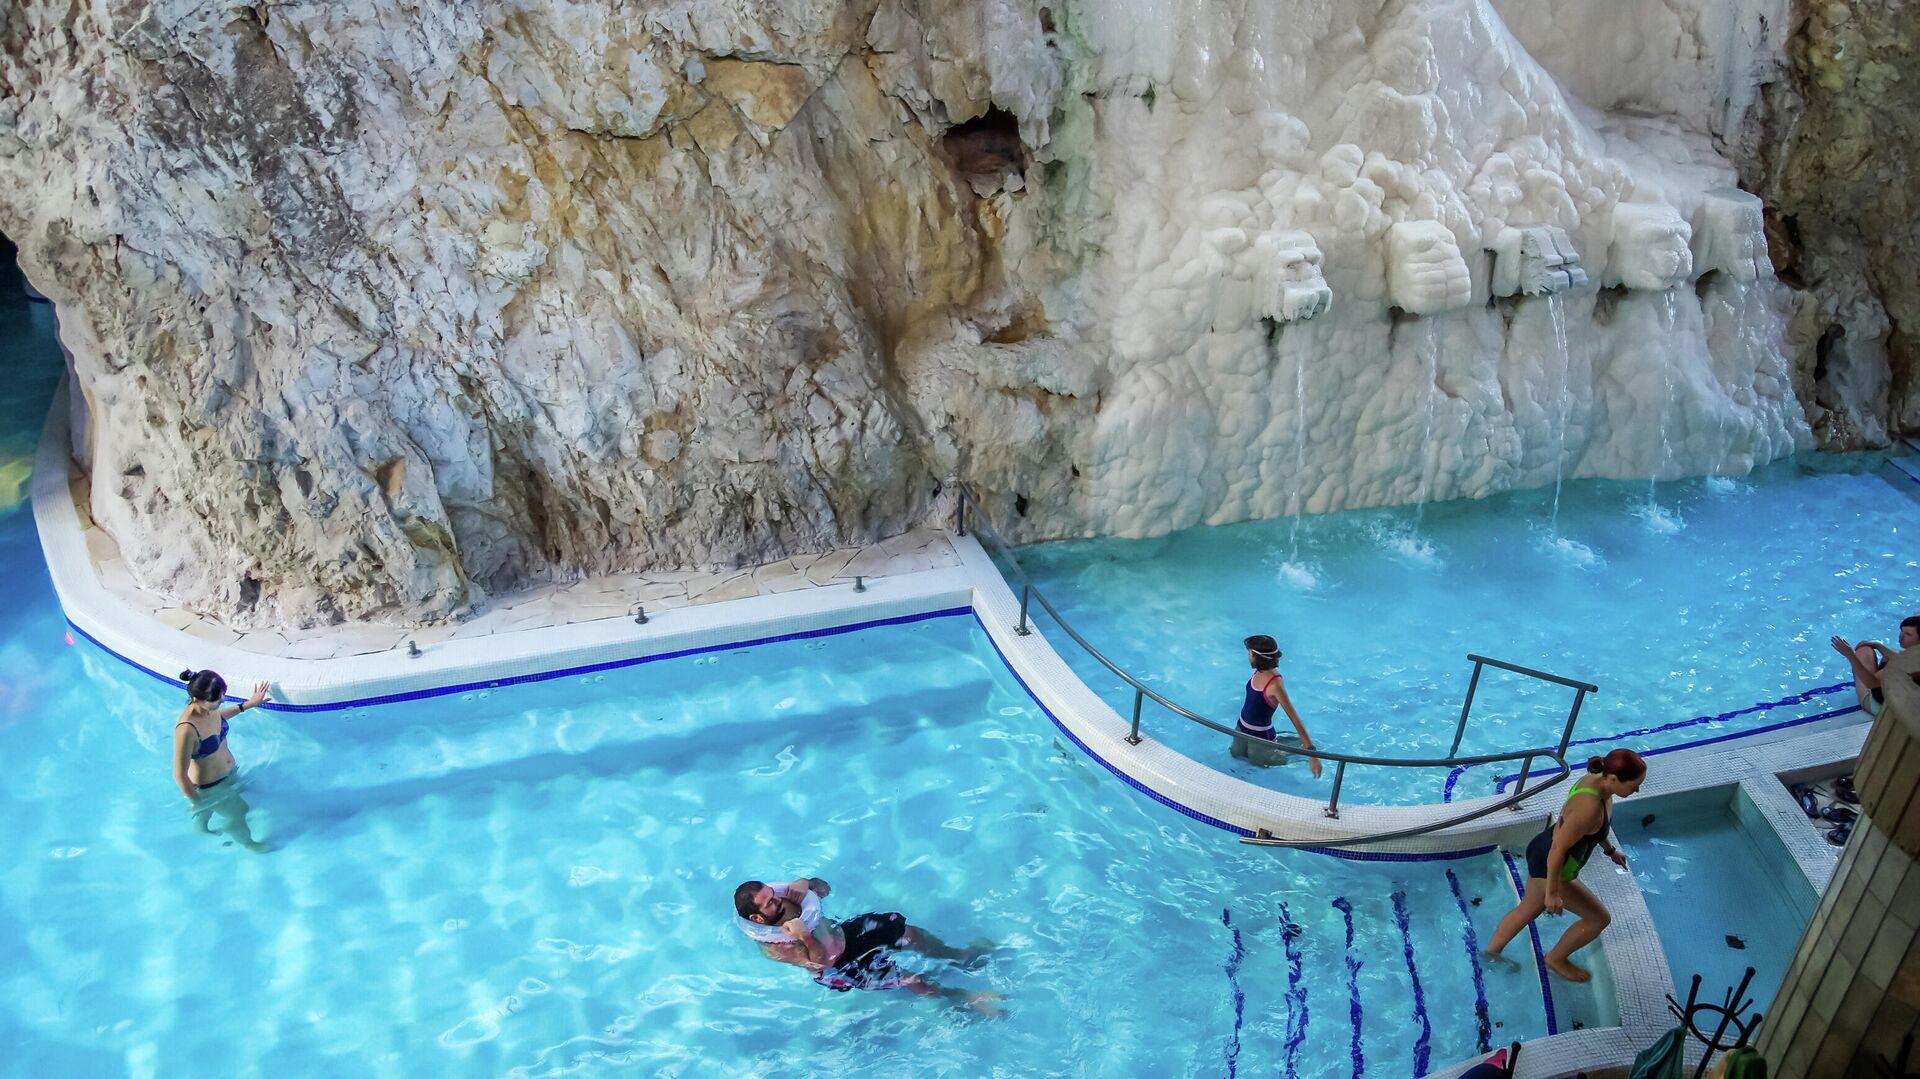 Пещерная купальня — термальные ванны в естественной пещере на курорте Мишкольц-Тапольца - РИА Новости, 1920, 02.08.2021